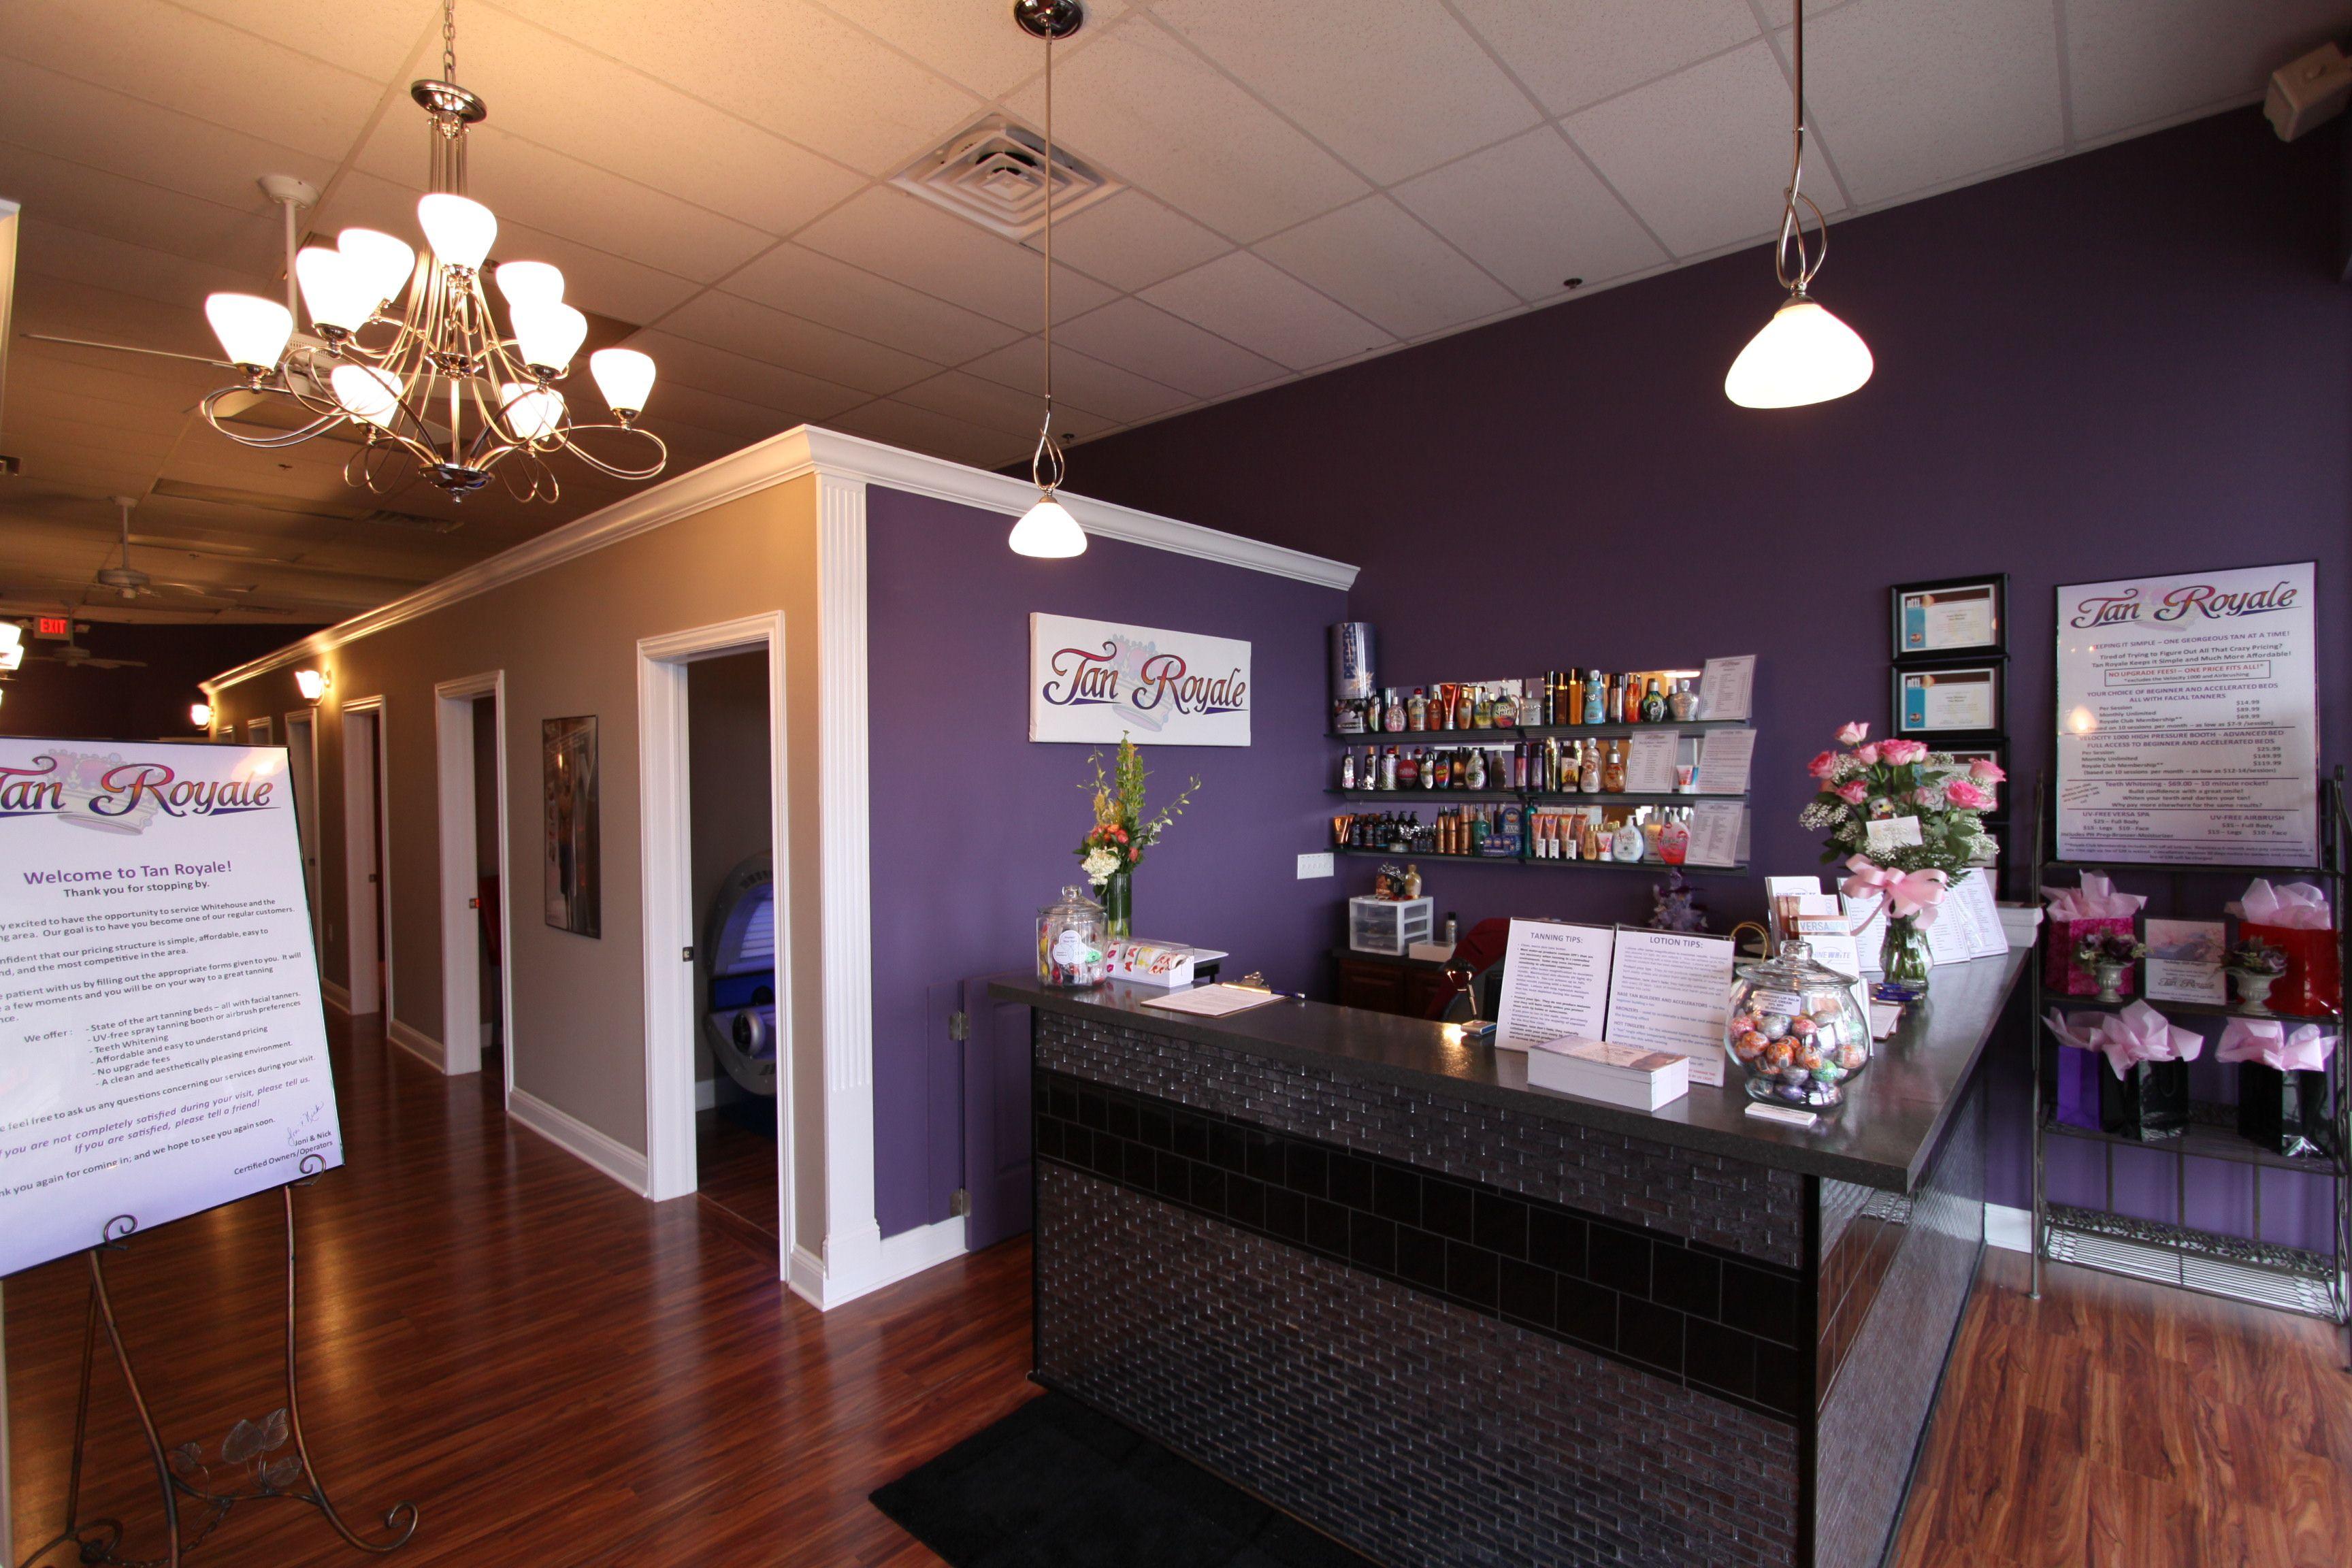 Lobby - Sign in counter LOVE THE PURPLE!!!! | Salon decor ...